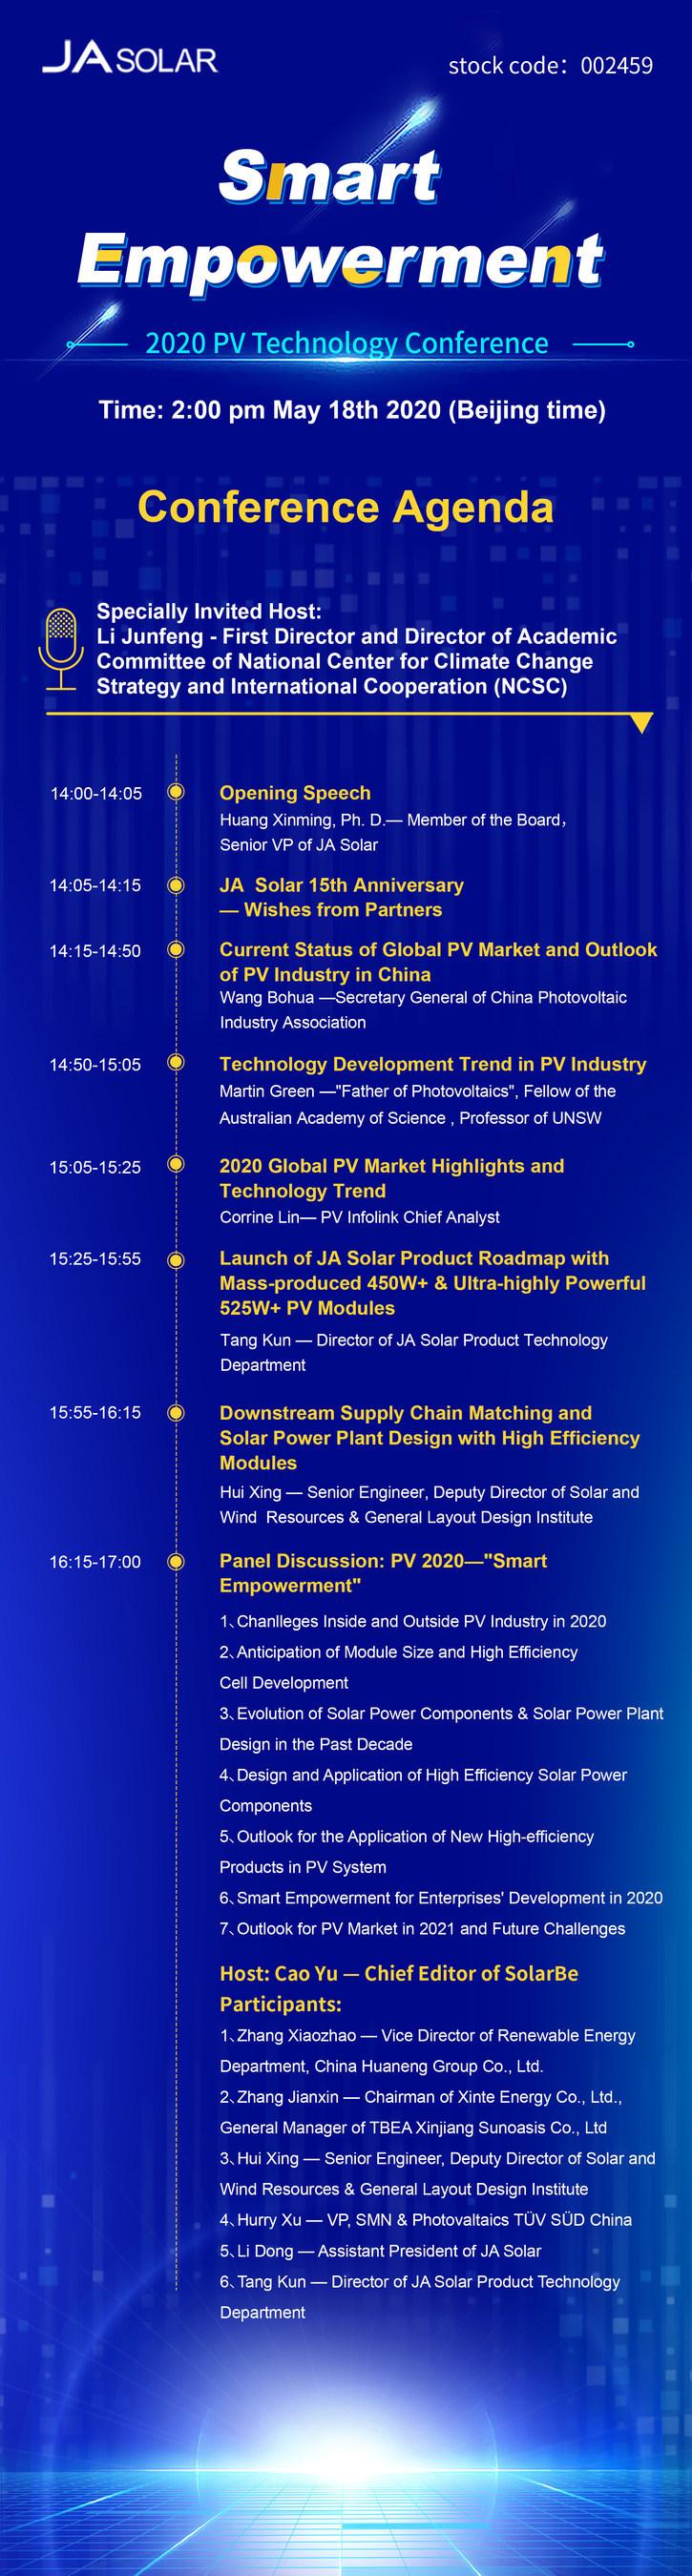 Pauta da conferência (PRNewsfoto/JA Solar Co., Ltd.)